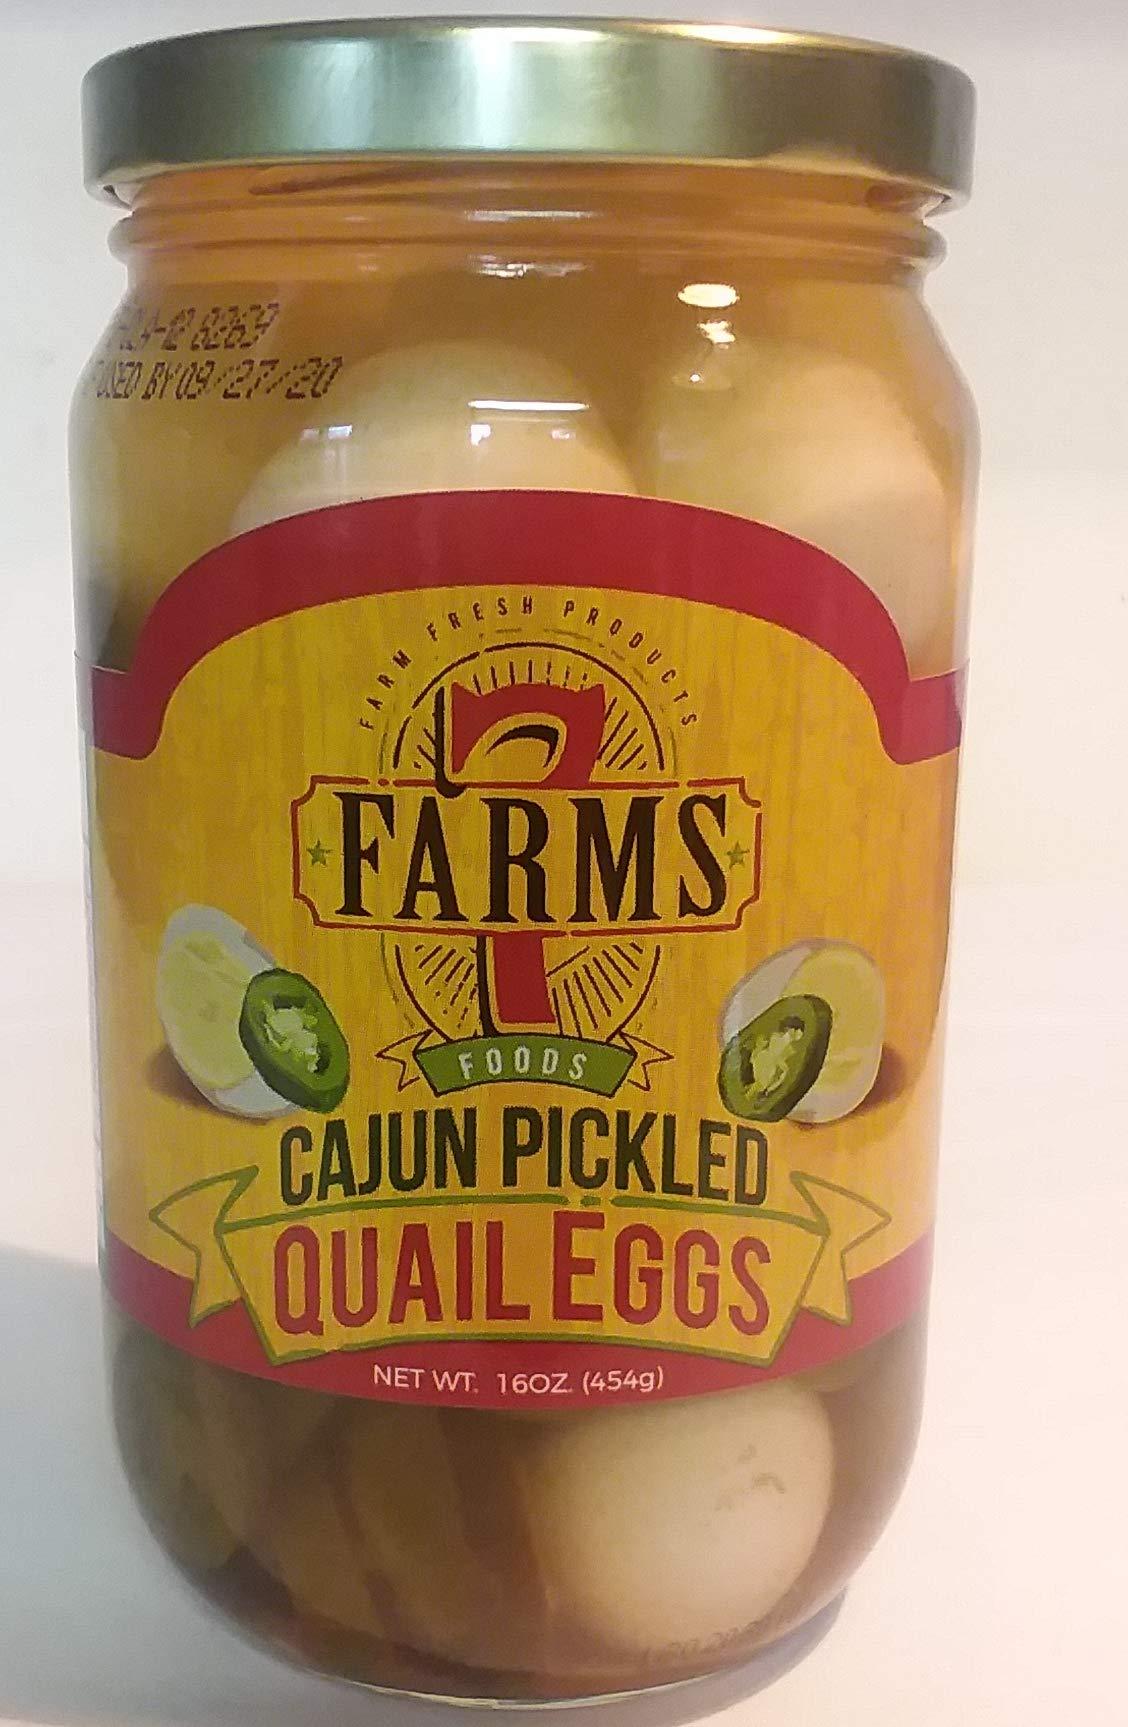 Cajun Pickled Qual Eggs 16 oz Glass Jar